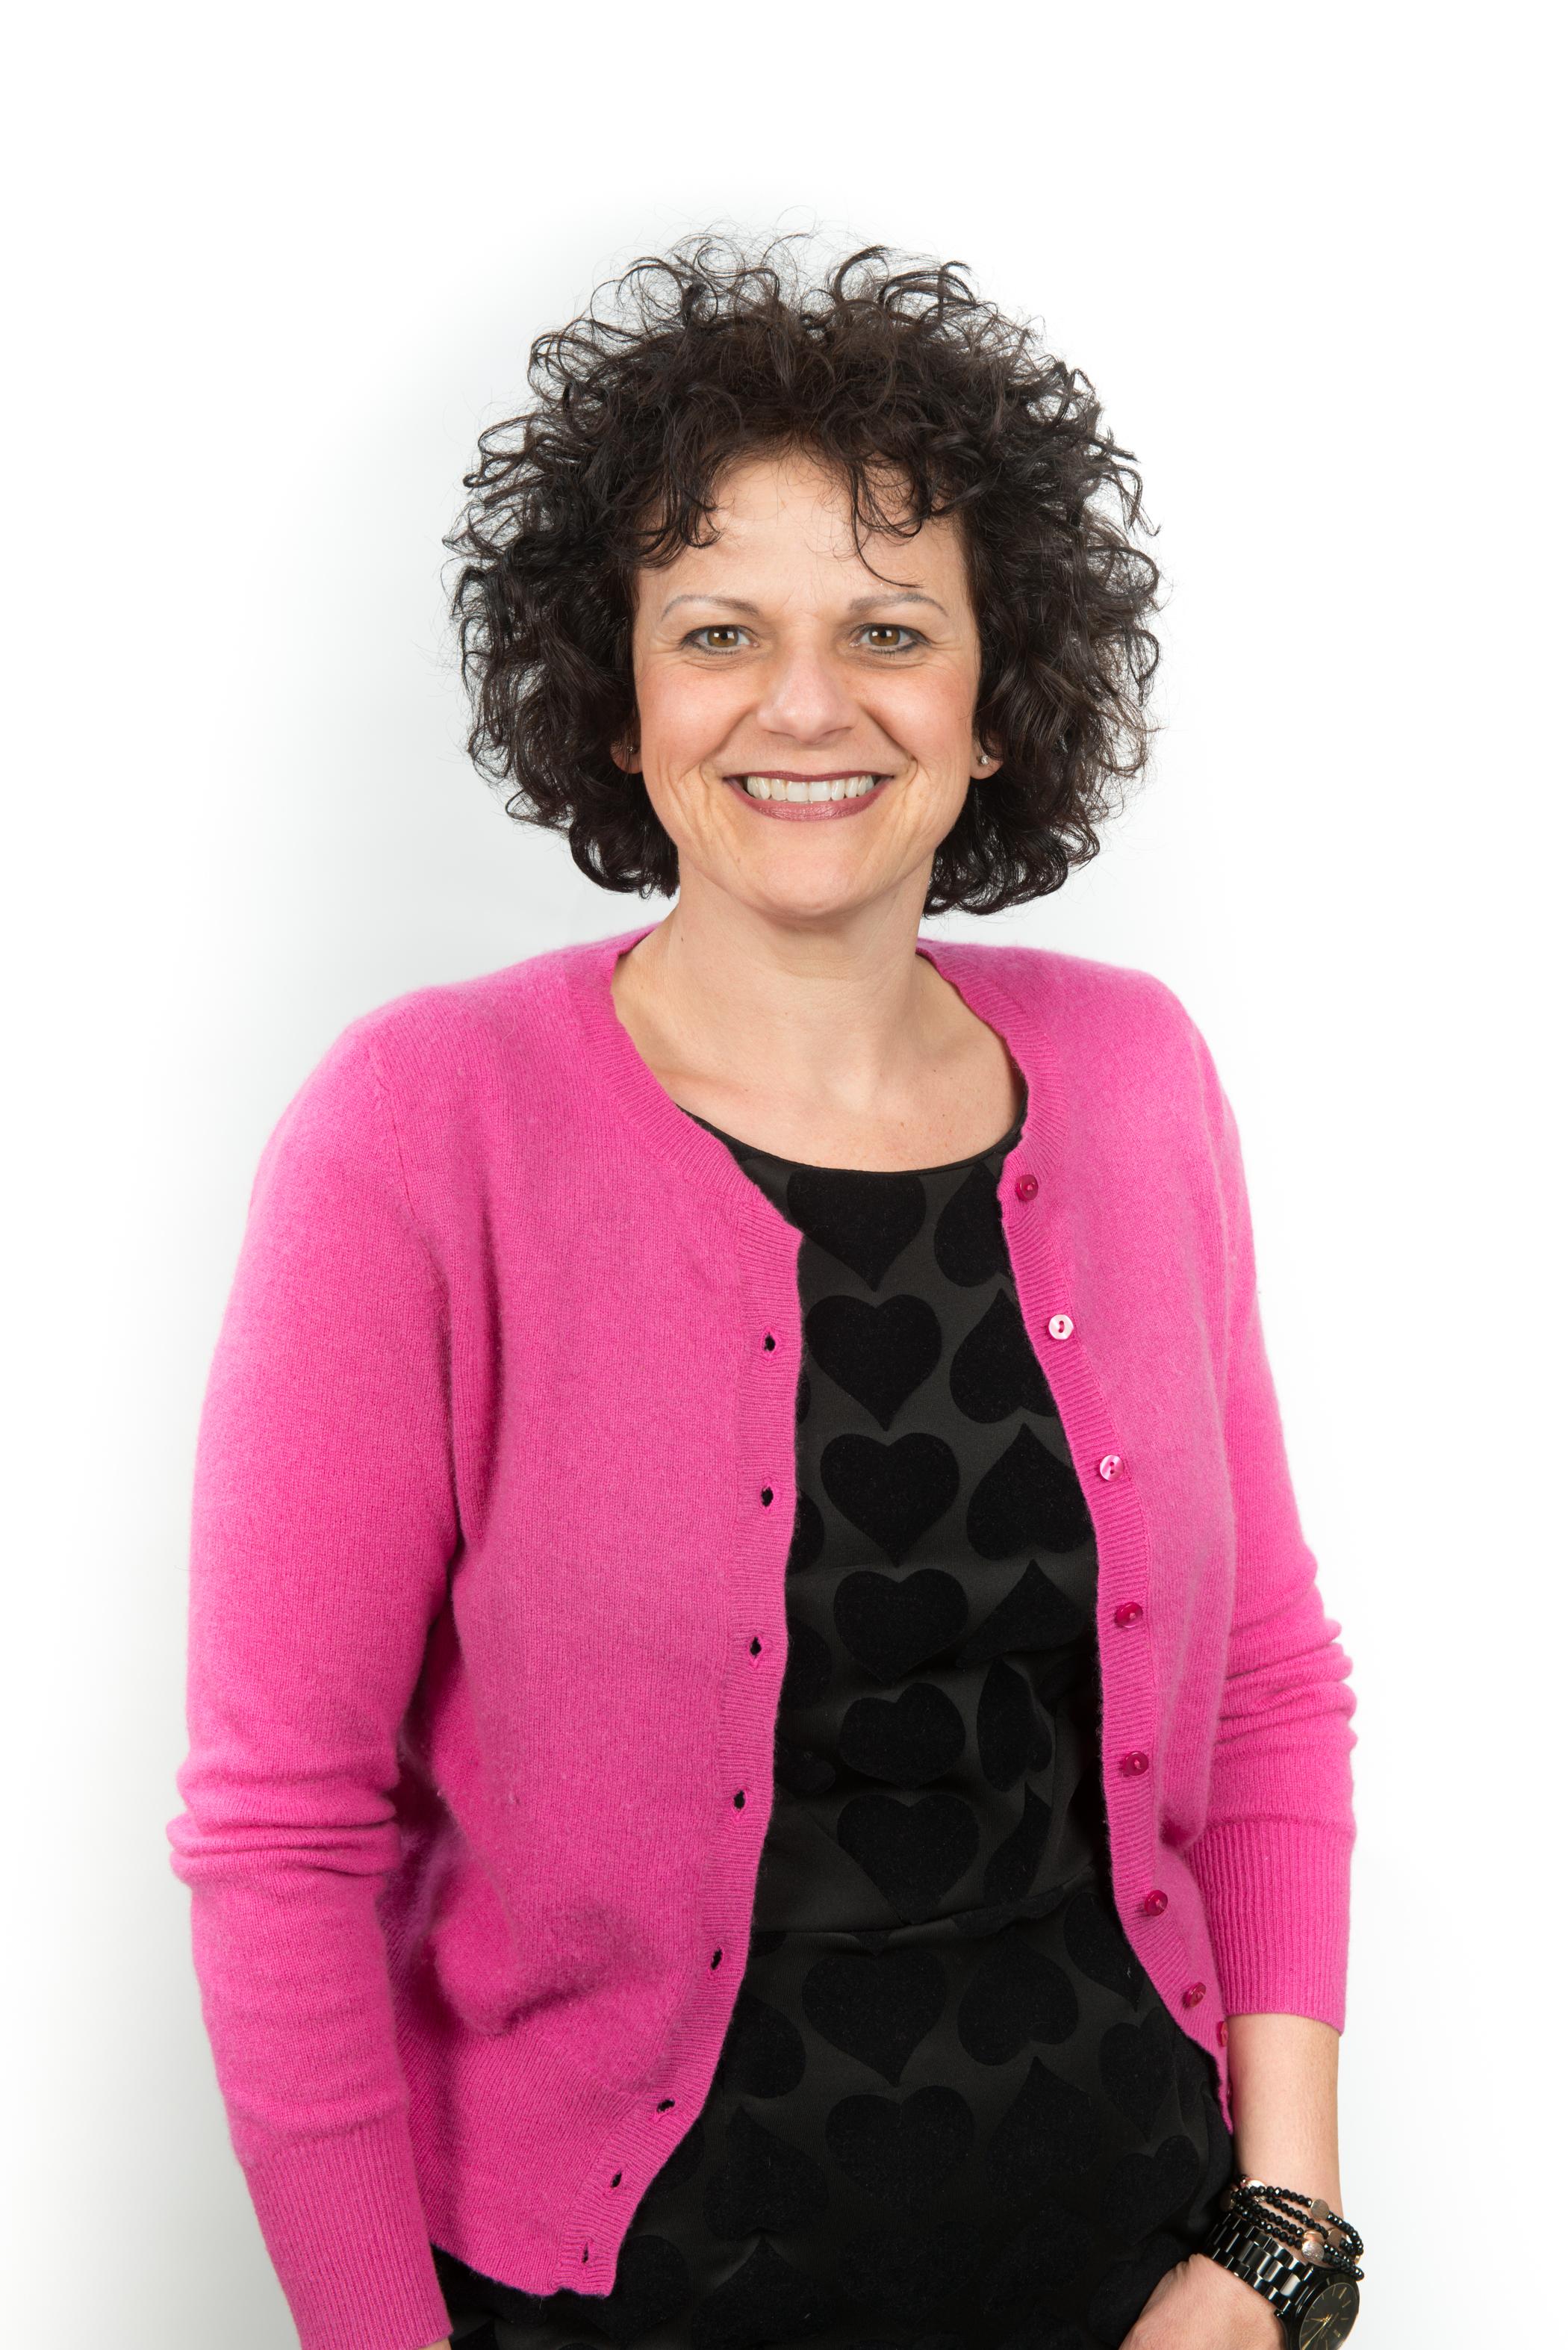 Marie-Josée Audette nommée directrice de la protection de la jeunesse de la Montérégie